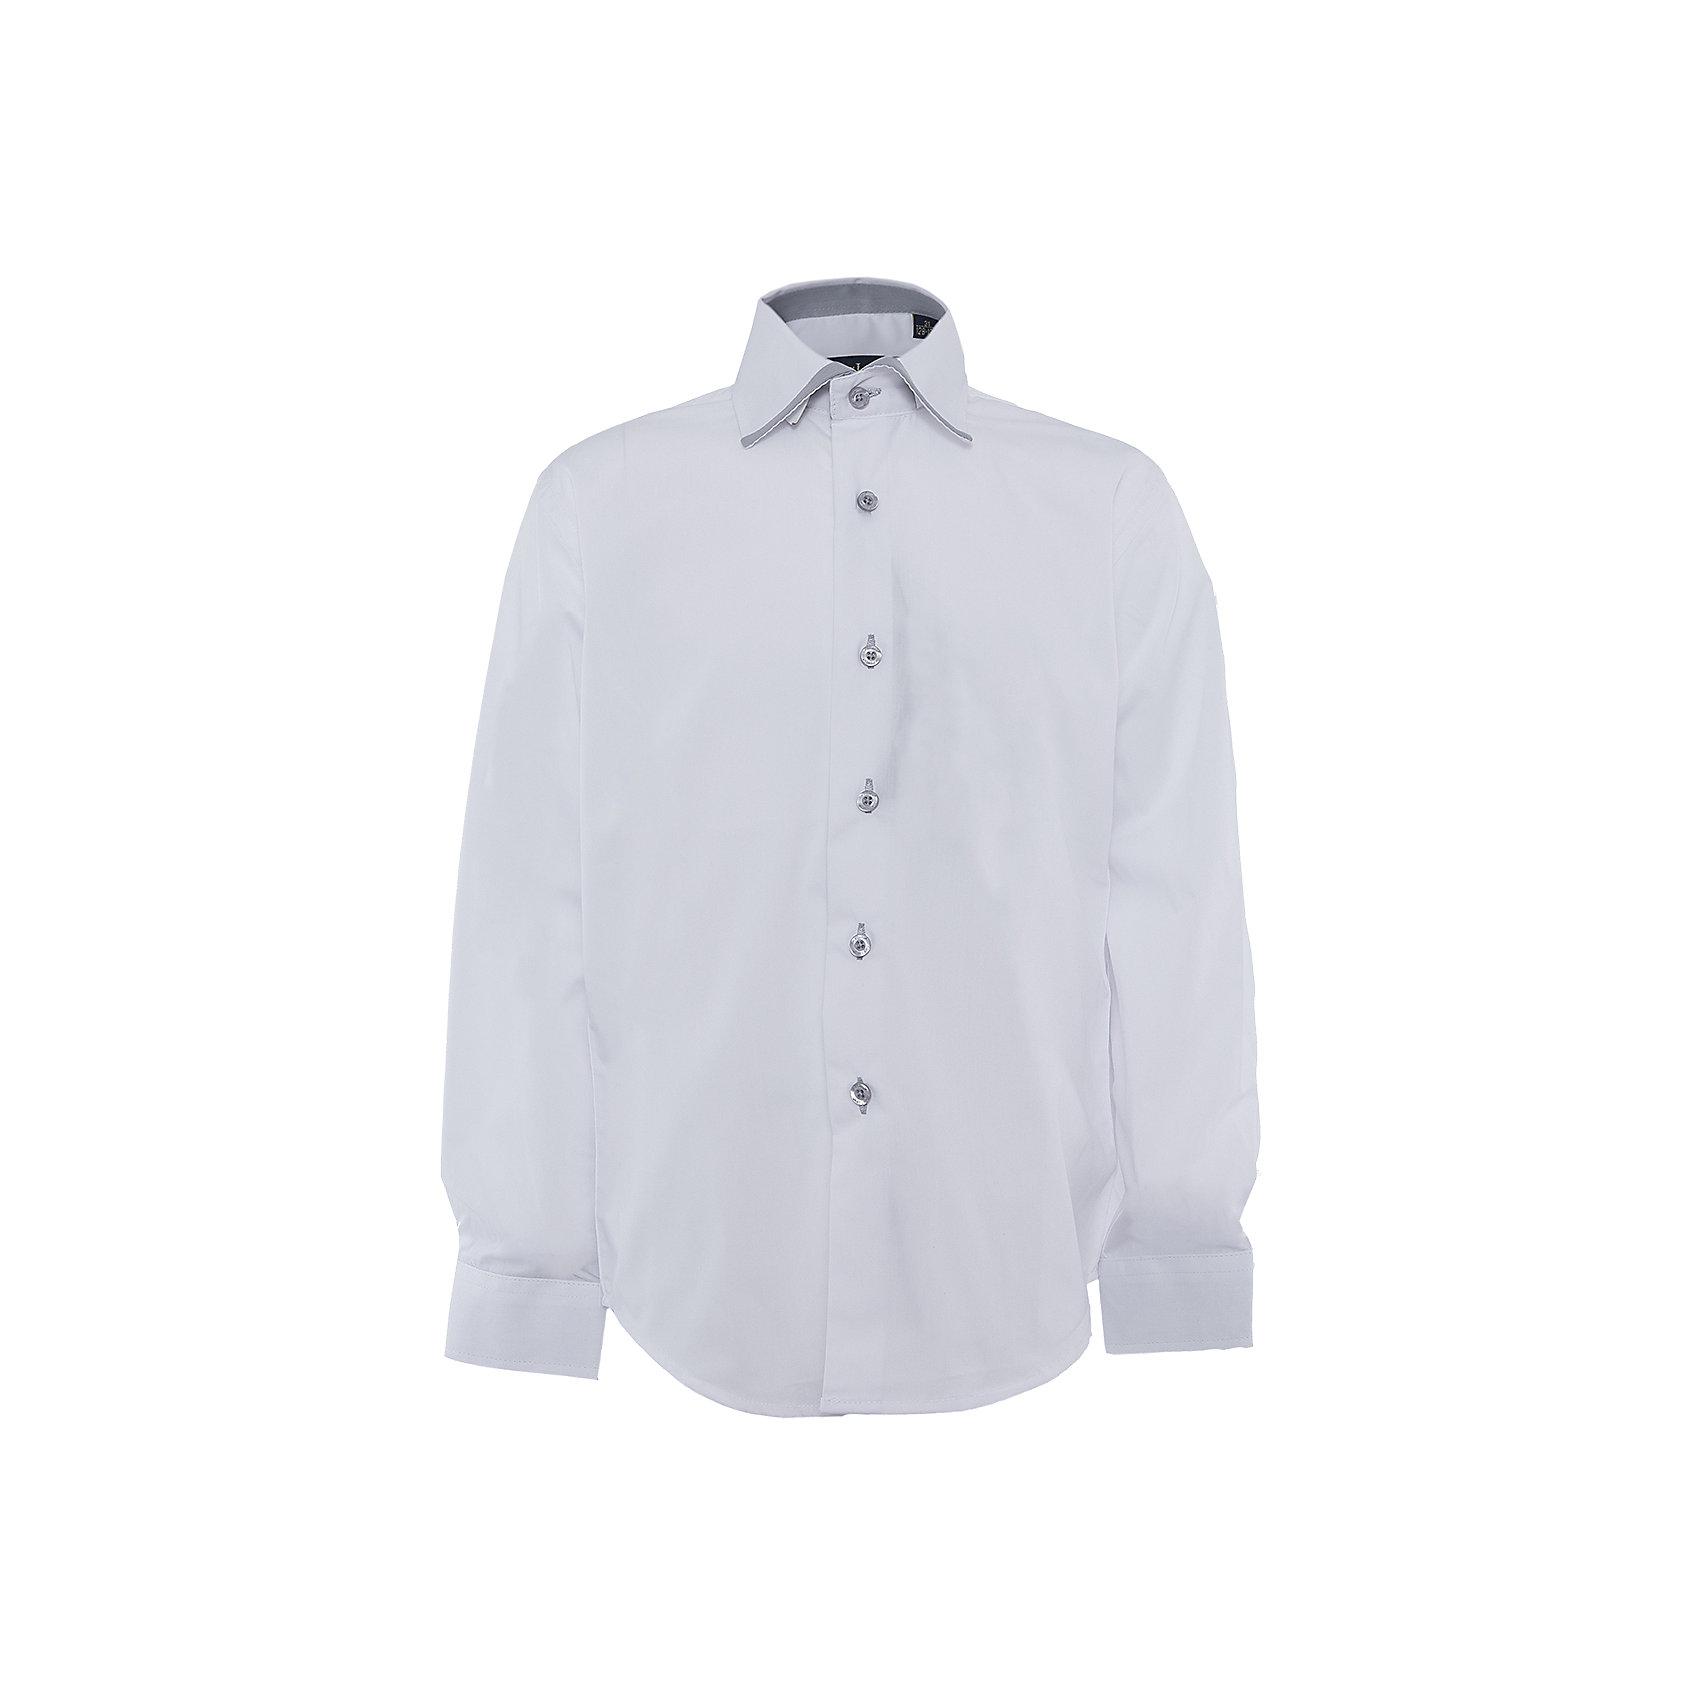 Рубашка для мальчика PREMIUM SkylakeРубашка для мальчика PREMIUM от известного бренда Skylake<br>Состав:<br>80%хлопок 20%п/э<br><br>Ширина мм: 174<br>Глубина мм: 10<br>Высота мм: 169<br>Вес г: 157<br>Цвет: серый<br>Возраст от месяцев: 120<br>Возраст до месяцев: 132<br>Пол: Мужской<br>Возраст: Детский<br>Размер: 146,158,140,134,128,122,152<br>SKU: 4877759